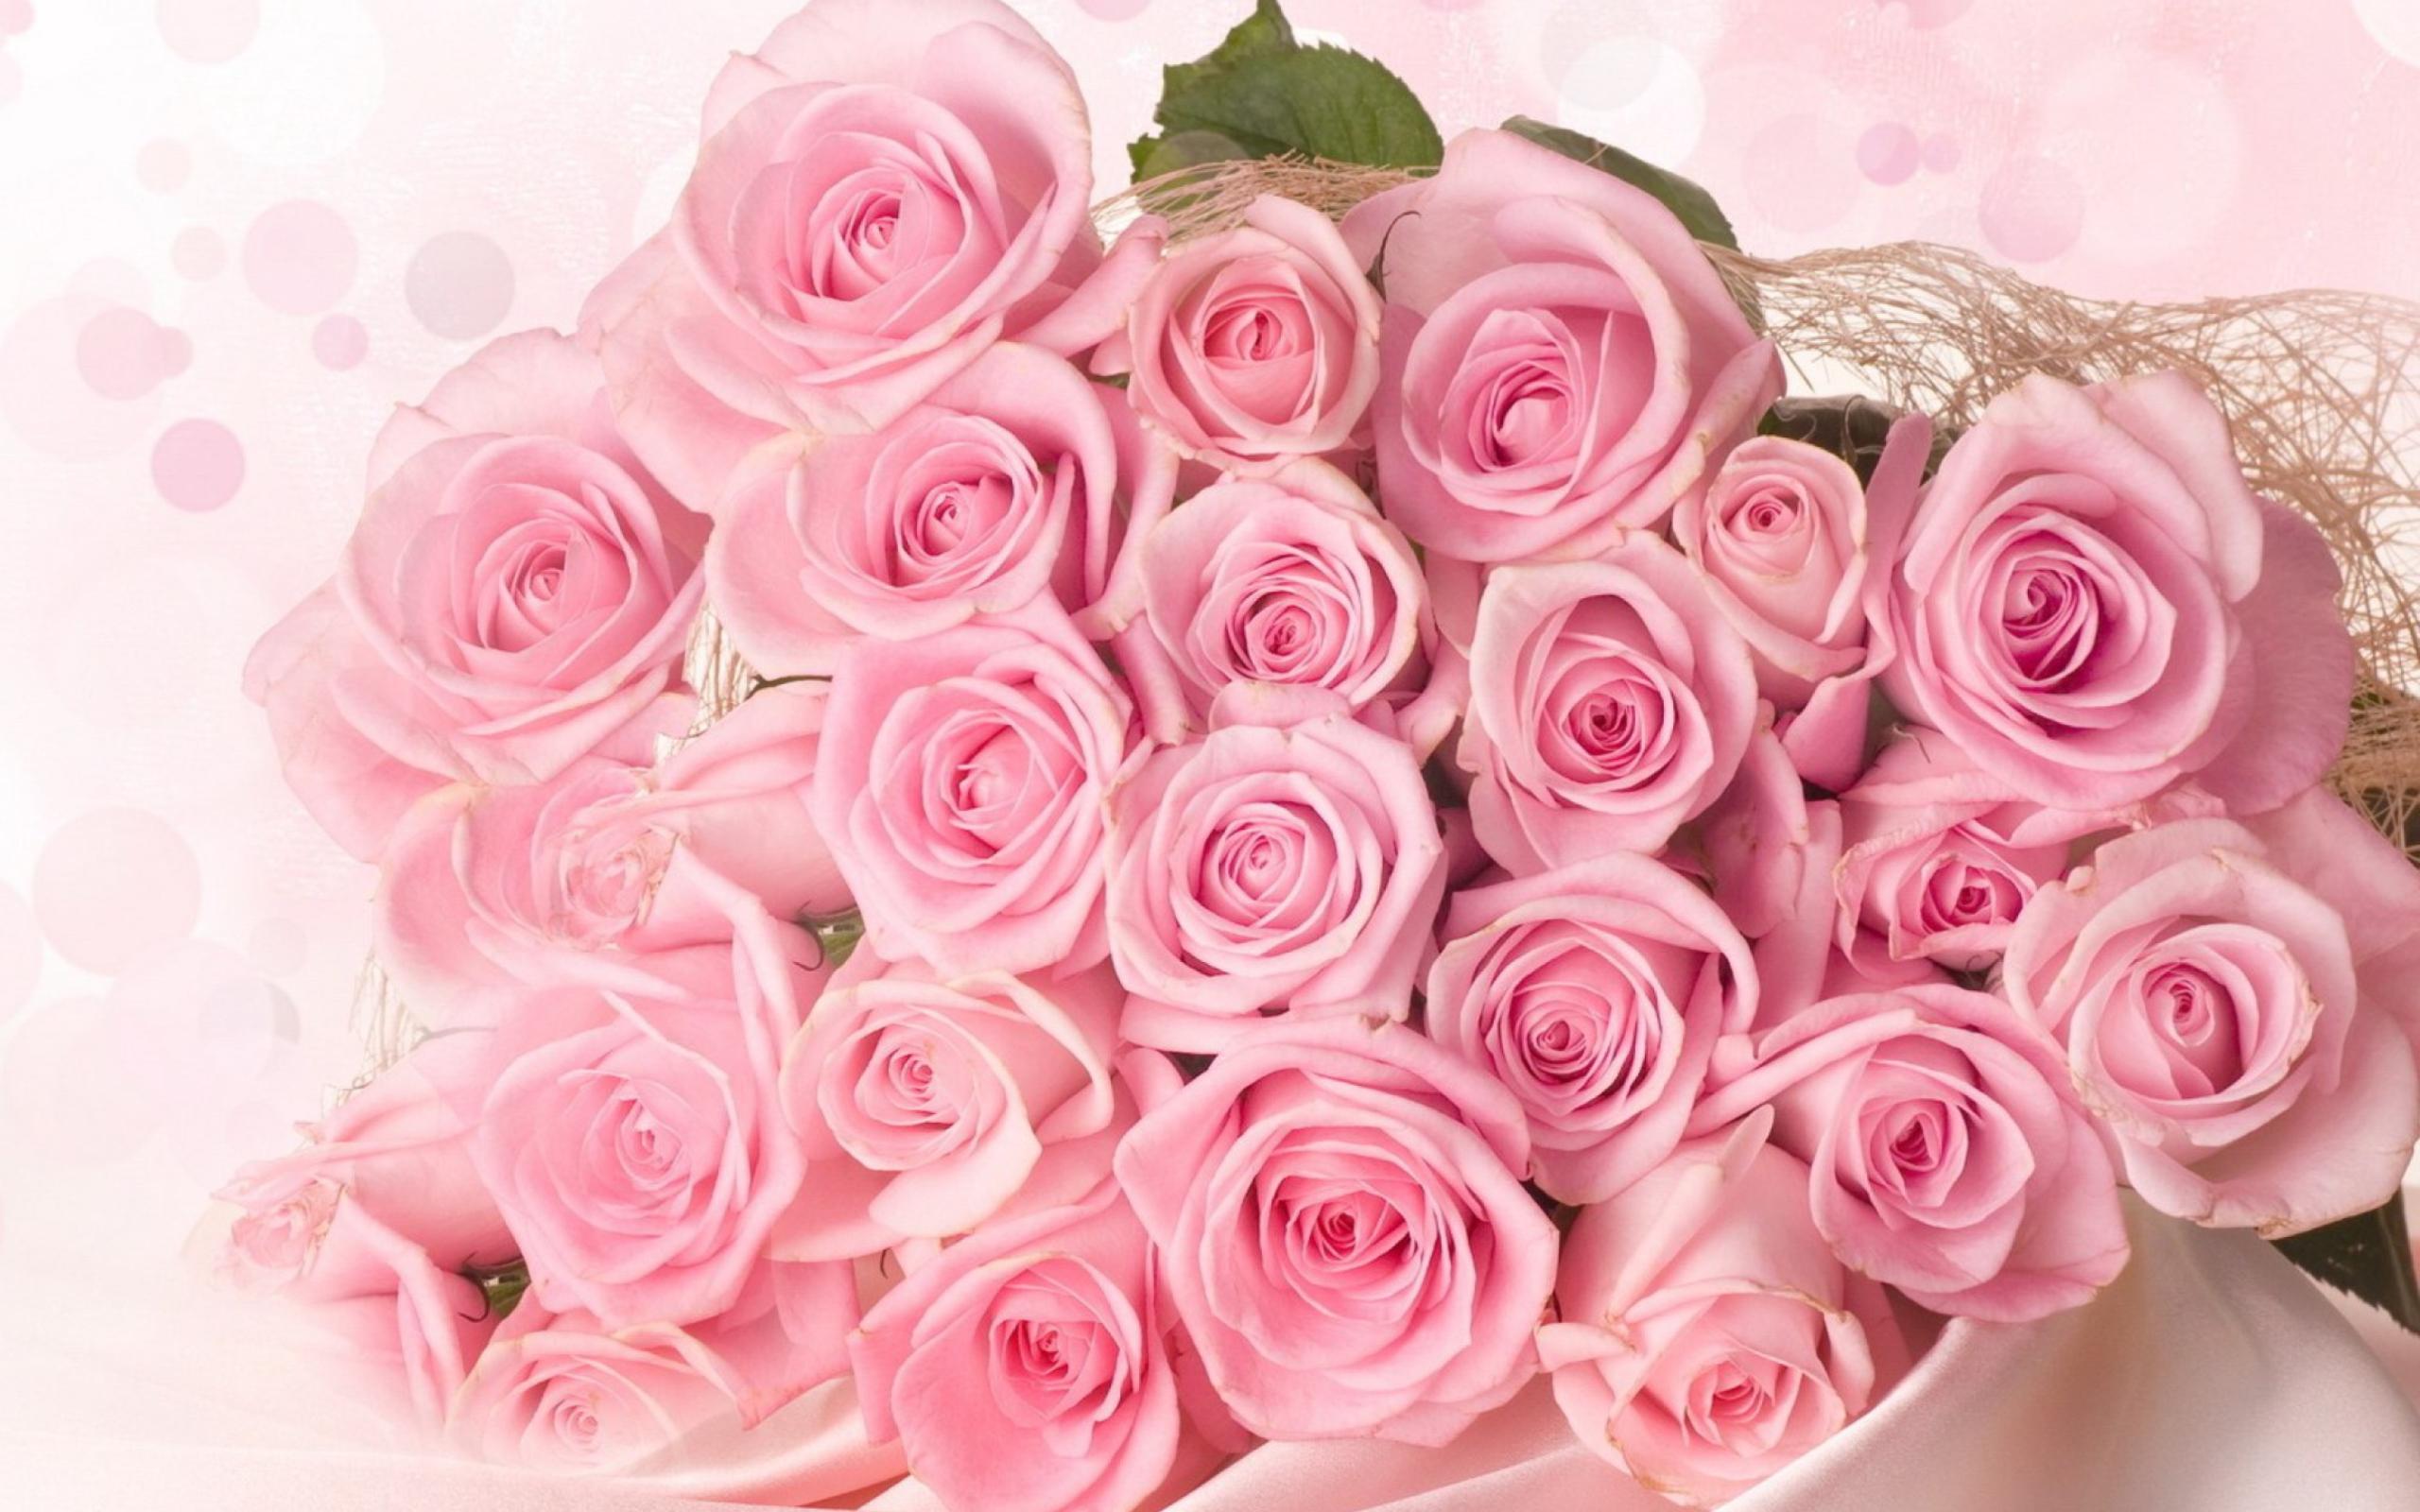 Красивые открытки с цветами для дочери, фрукты овощи прикольные